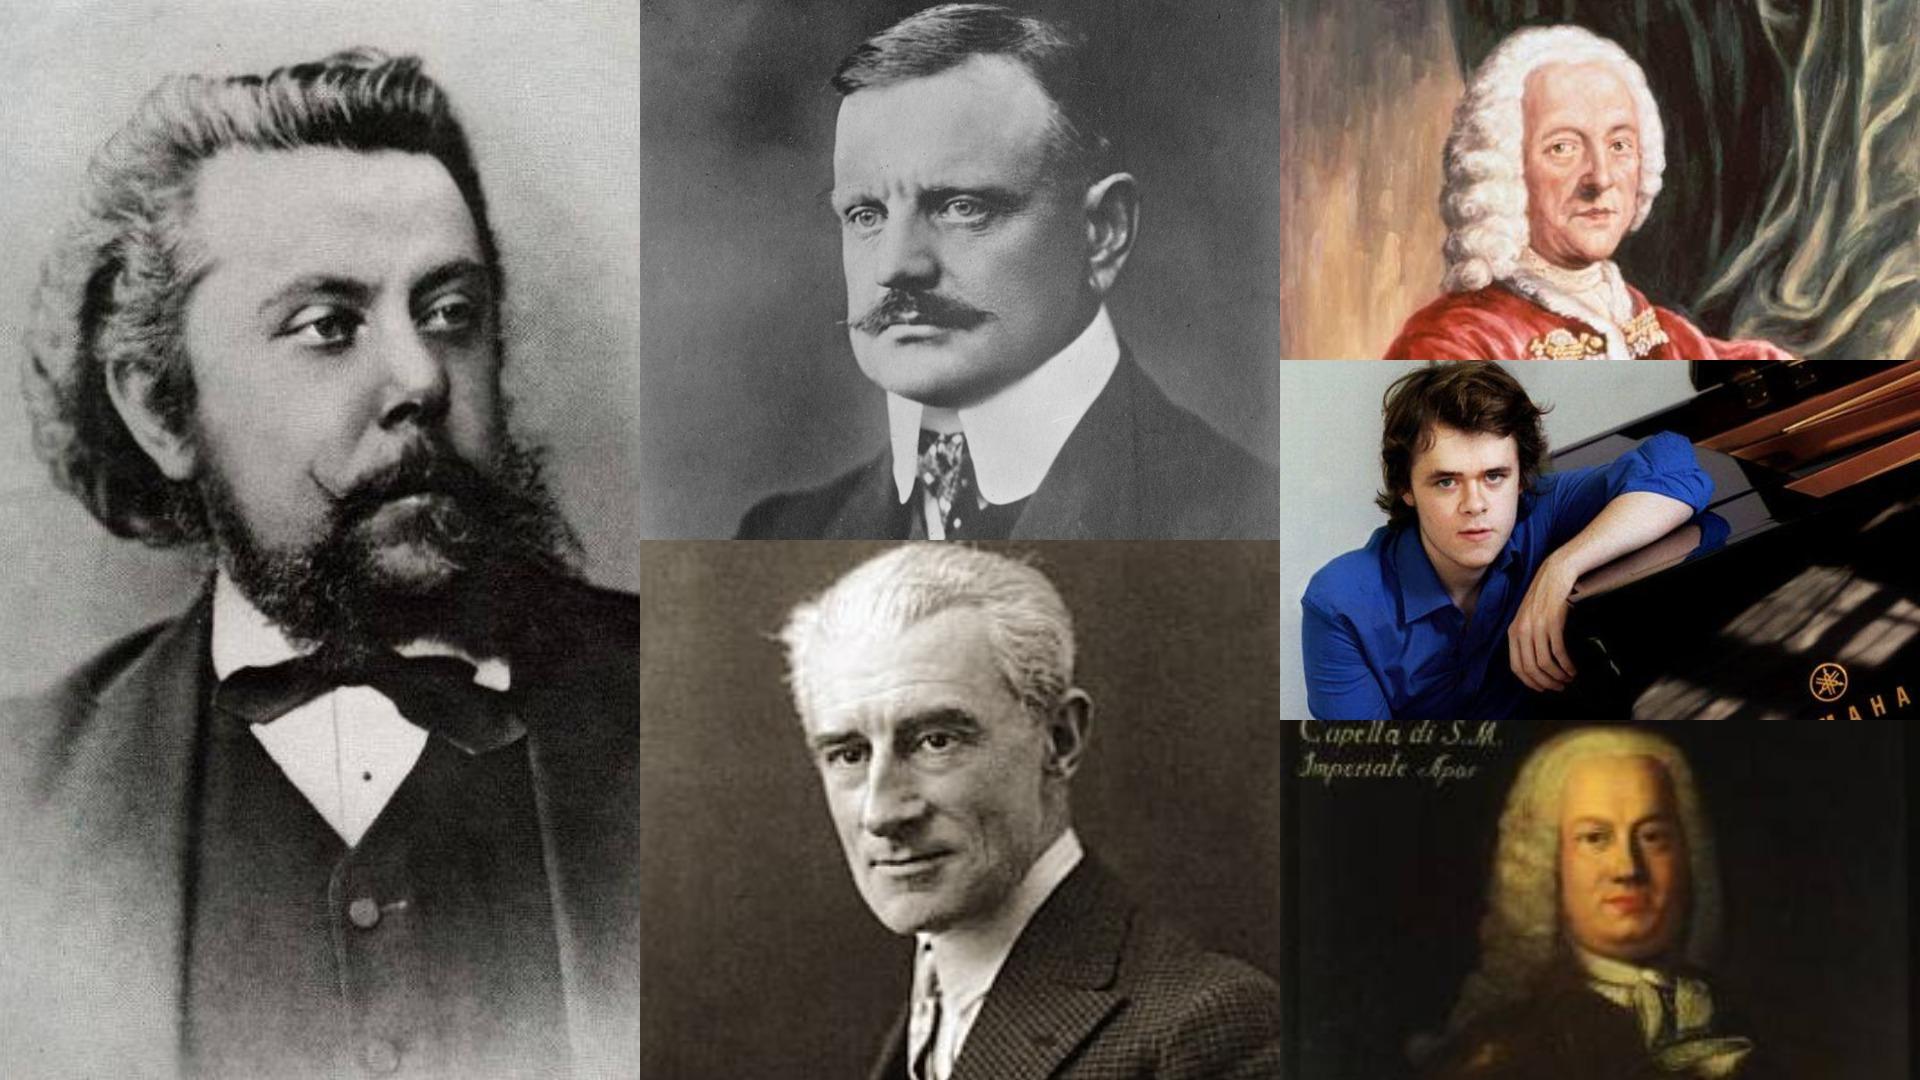 კლასიკა ყველასთვის - მოდესტ მუსორგსკი / სხვადასხვა ეპოქისა და სტილის კლასიკური მუსიკა